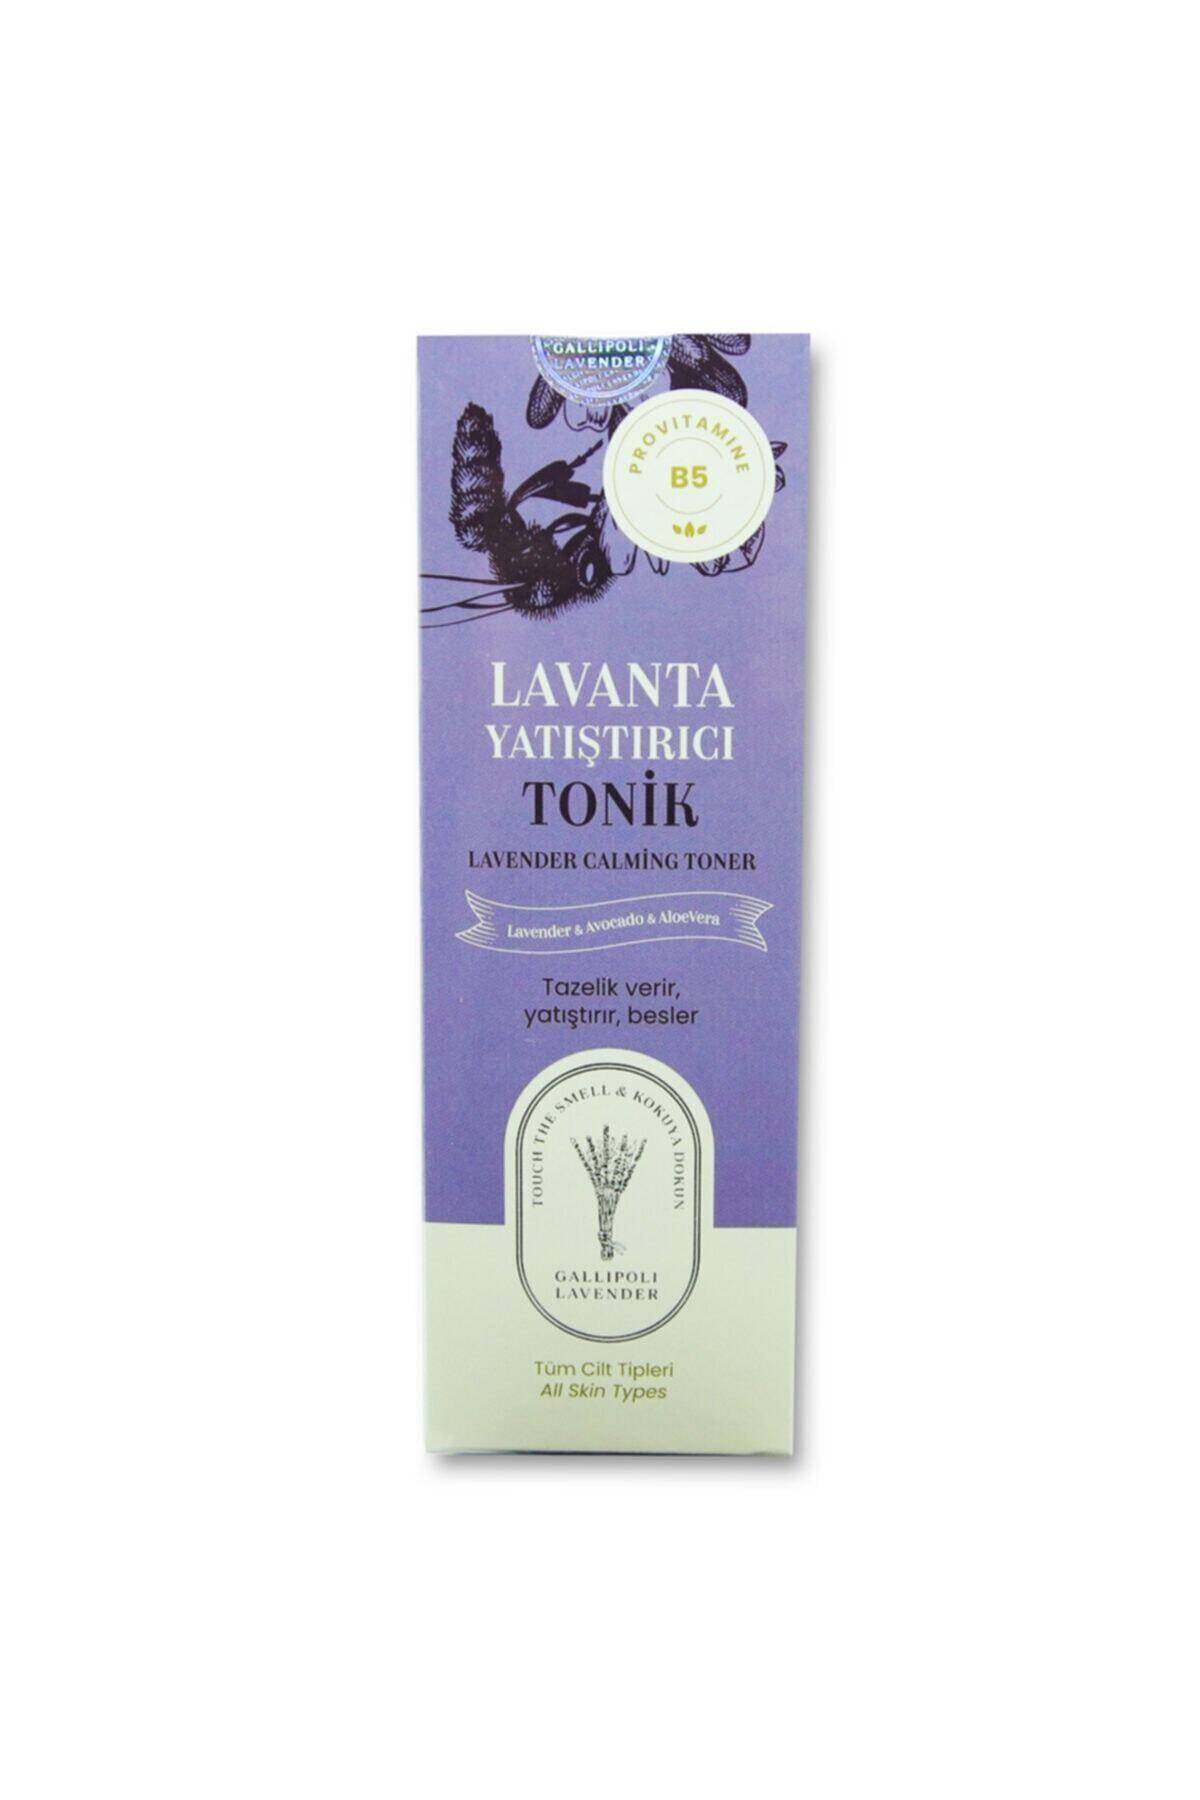 Gallipoli Lavender Lavanta Yağlı Yatıştırıcı Tonik 250 Ml Avakado Tonik Aloe Vera Tonik 3 ' In 1 2